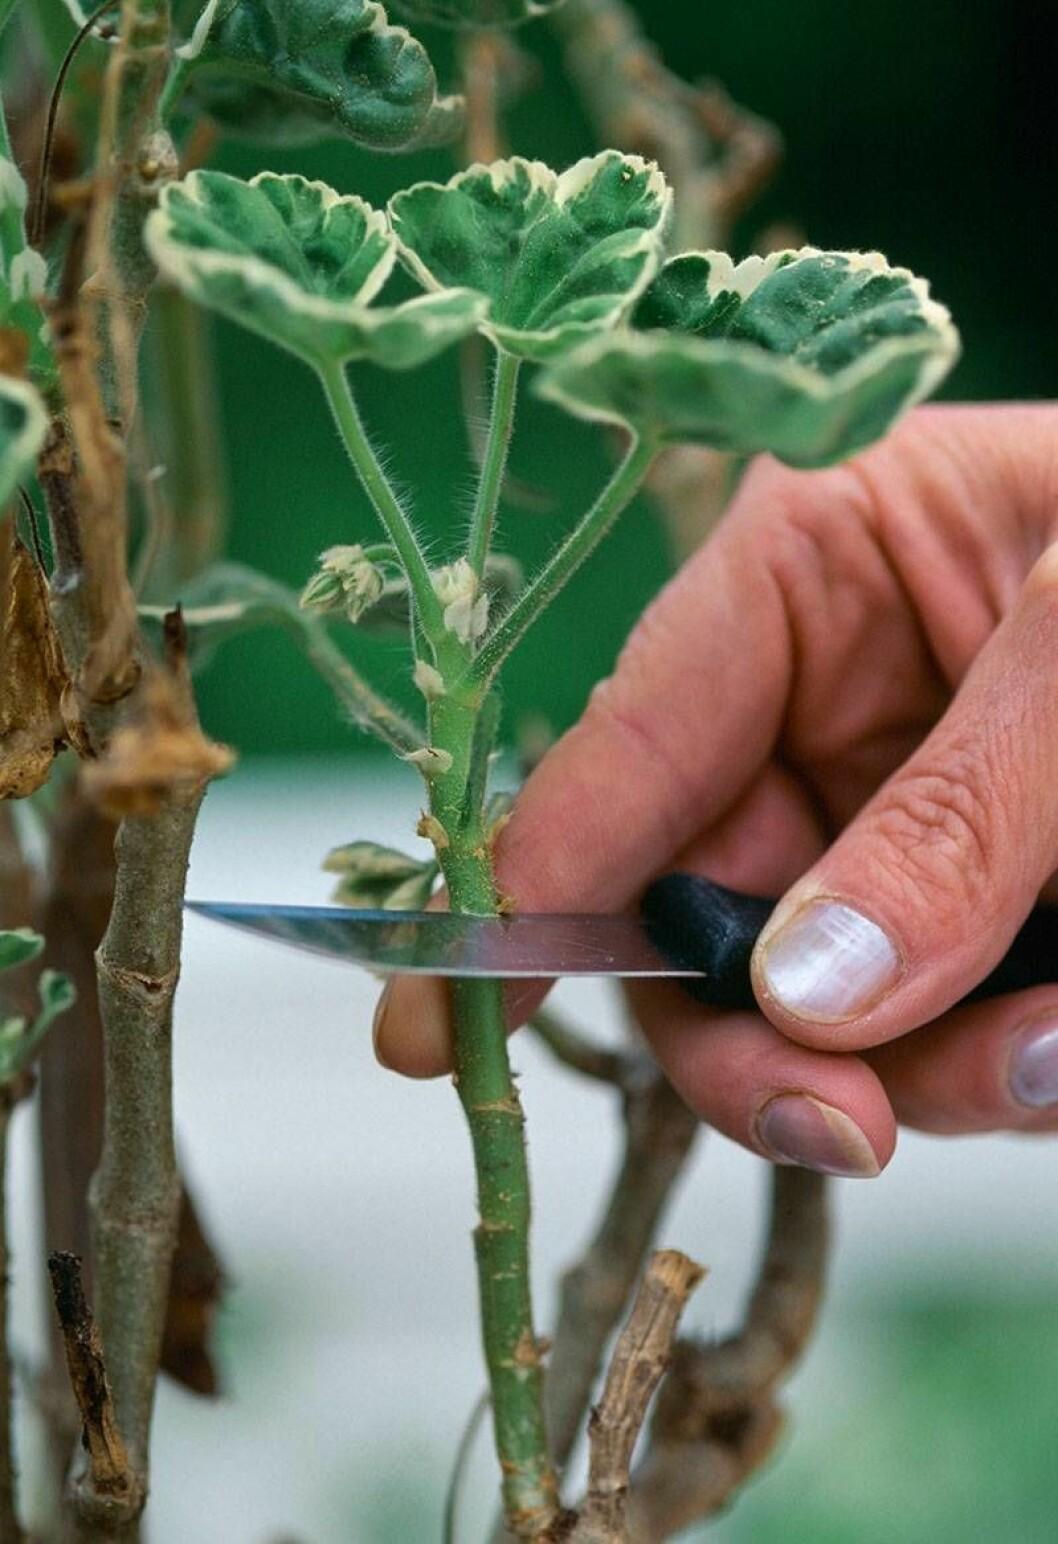 Stickling tas från en växt